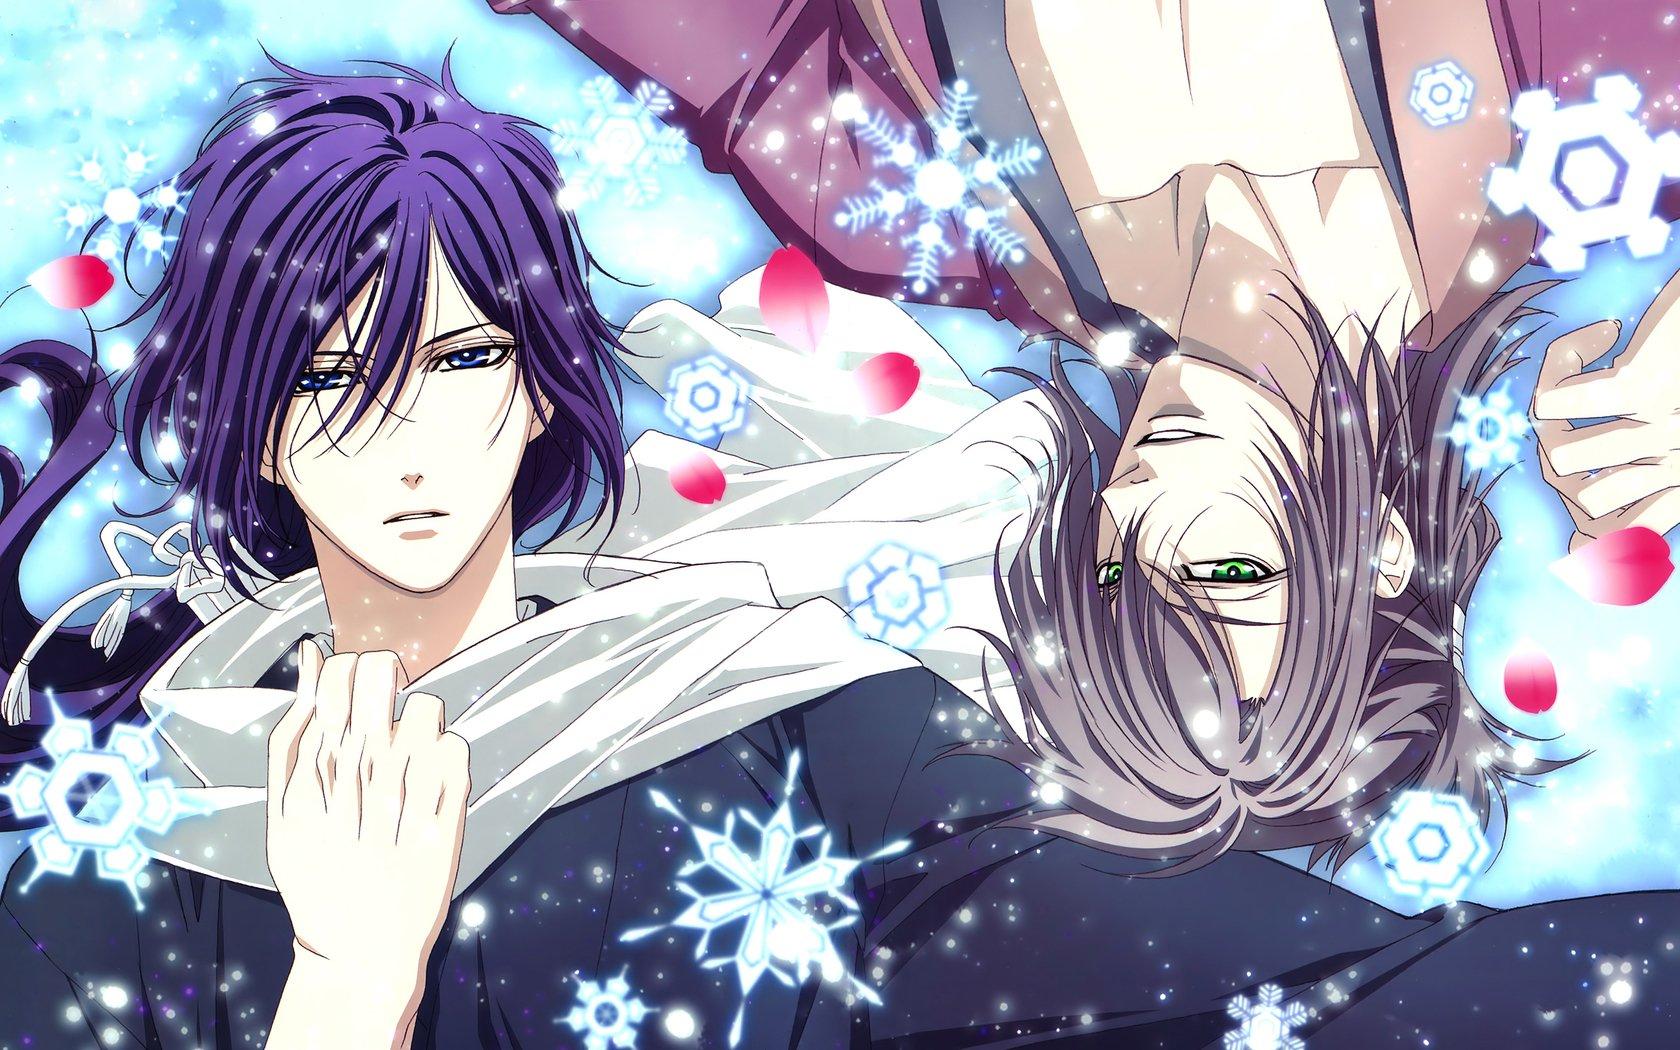 Demons pale cherry Samurai Saito Okita boys Petals sakura Winter Snowflakes Scarf anime Demons pale cherry Samurai Saito Okita boys Petals sakura ...